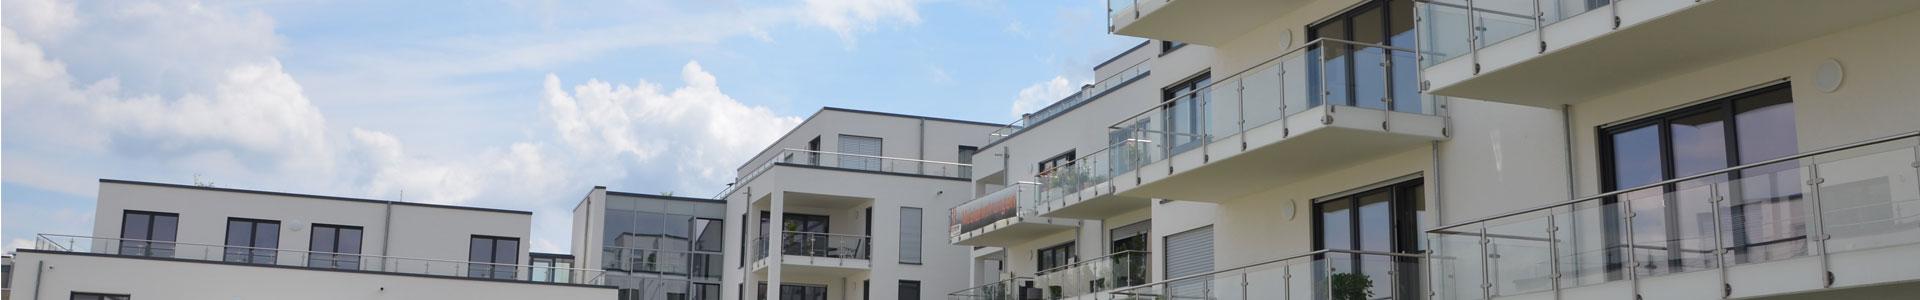 mynew Immobilien Bonn – Ihr Immobilienmakler für Bonn und Rhein-Sieg!